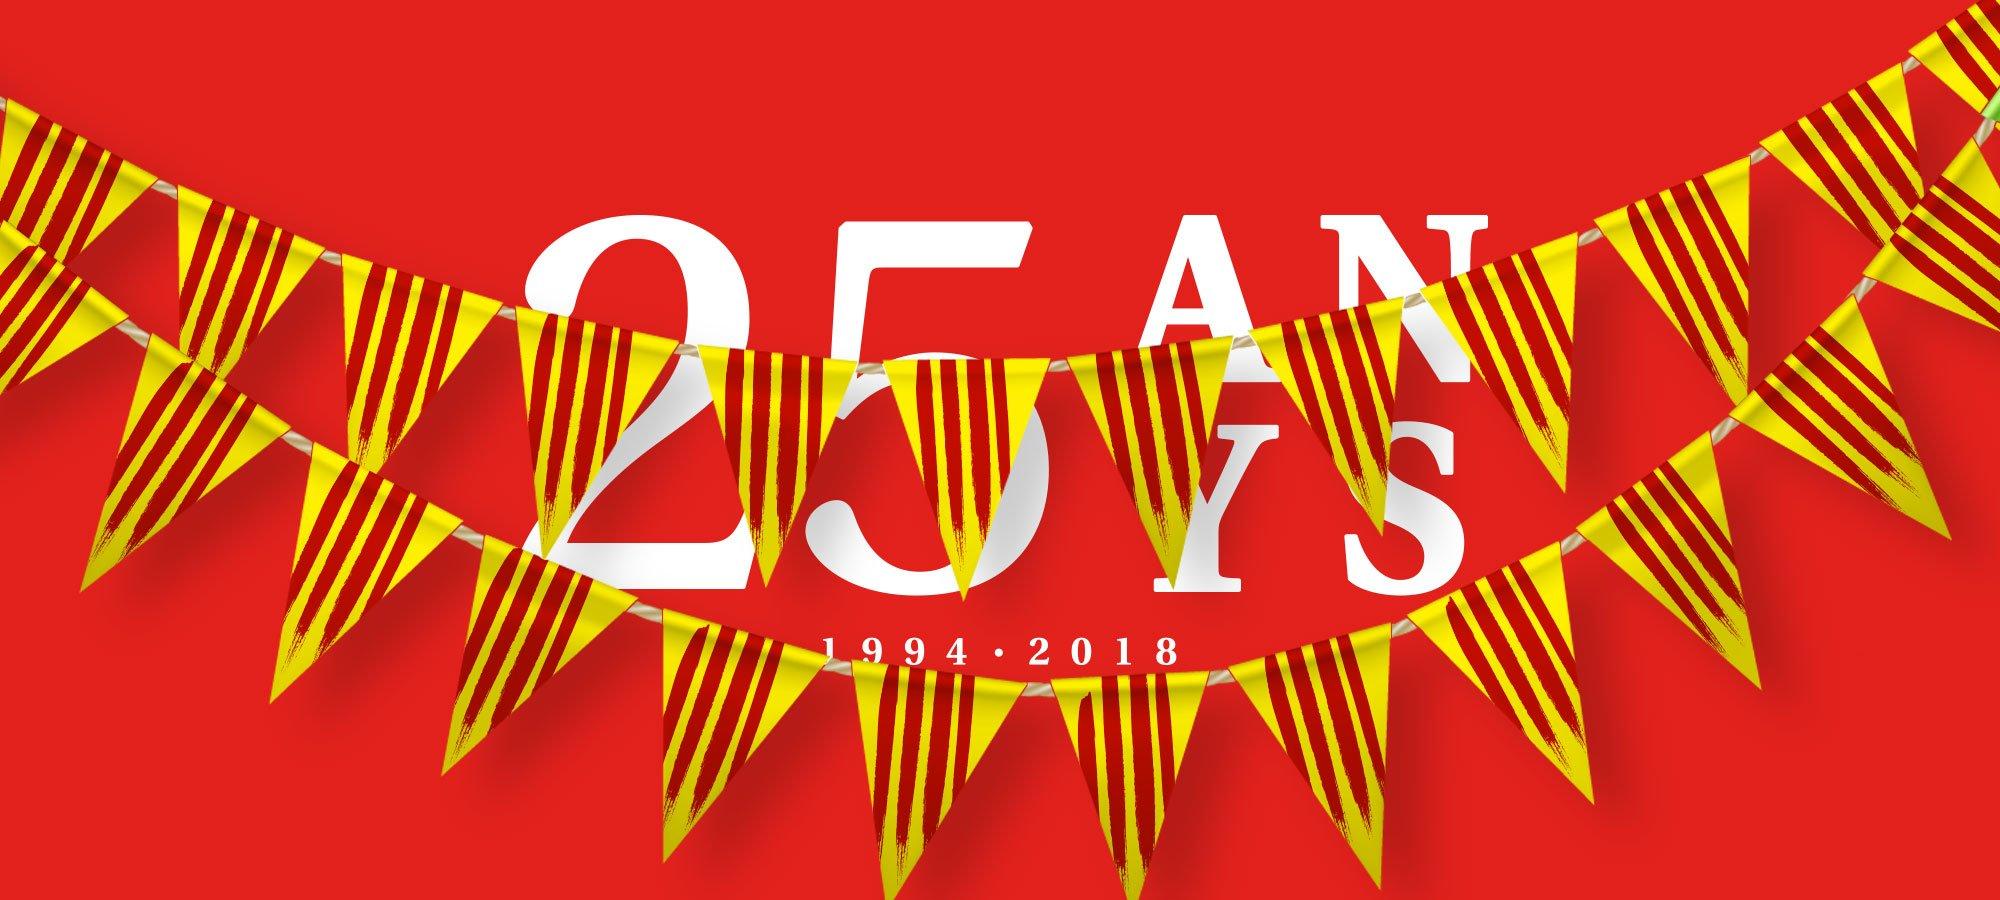 Vine a la festa dels 25 anys de Socarrats!